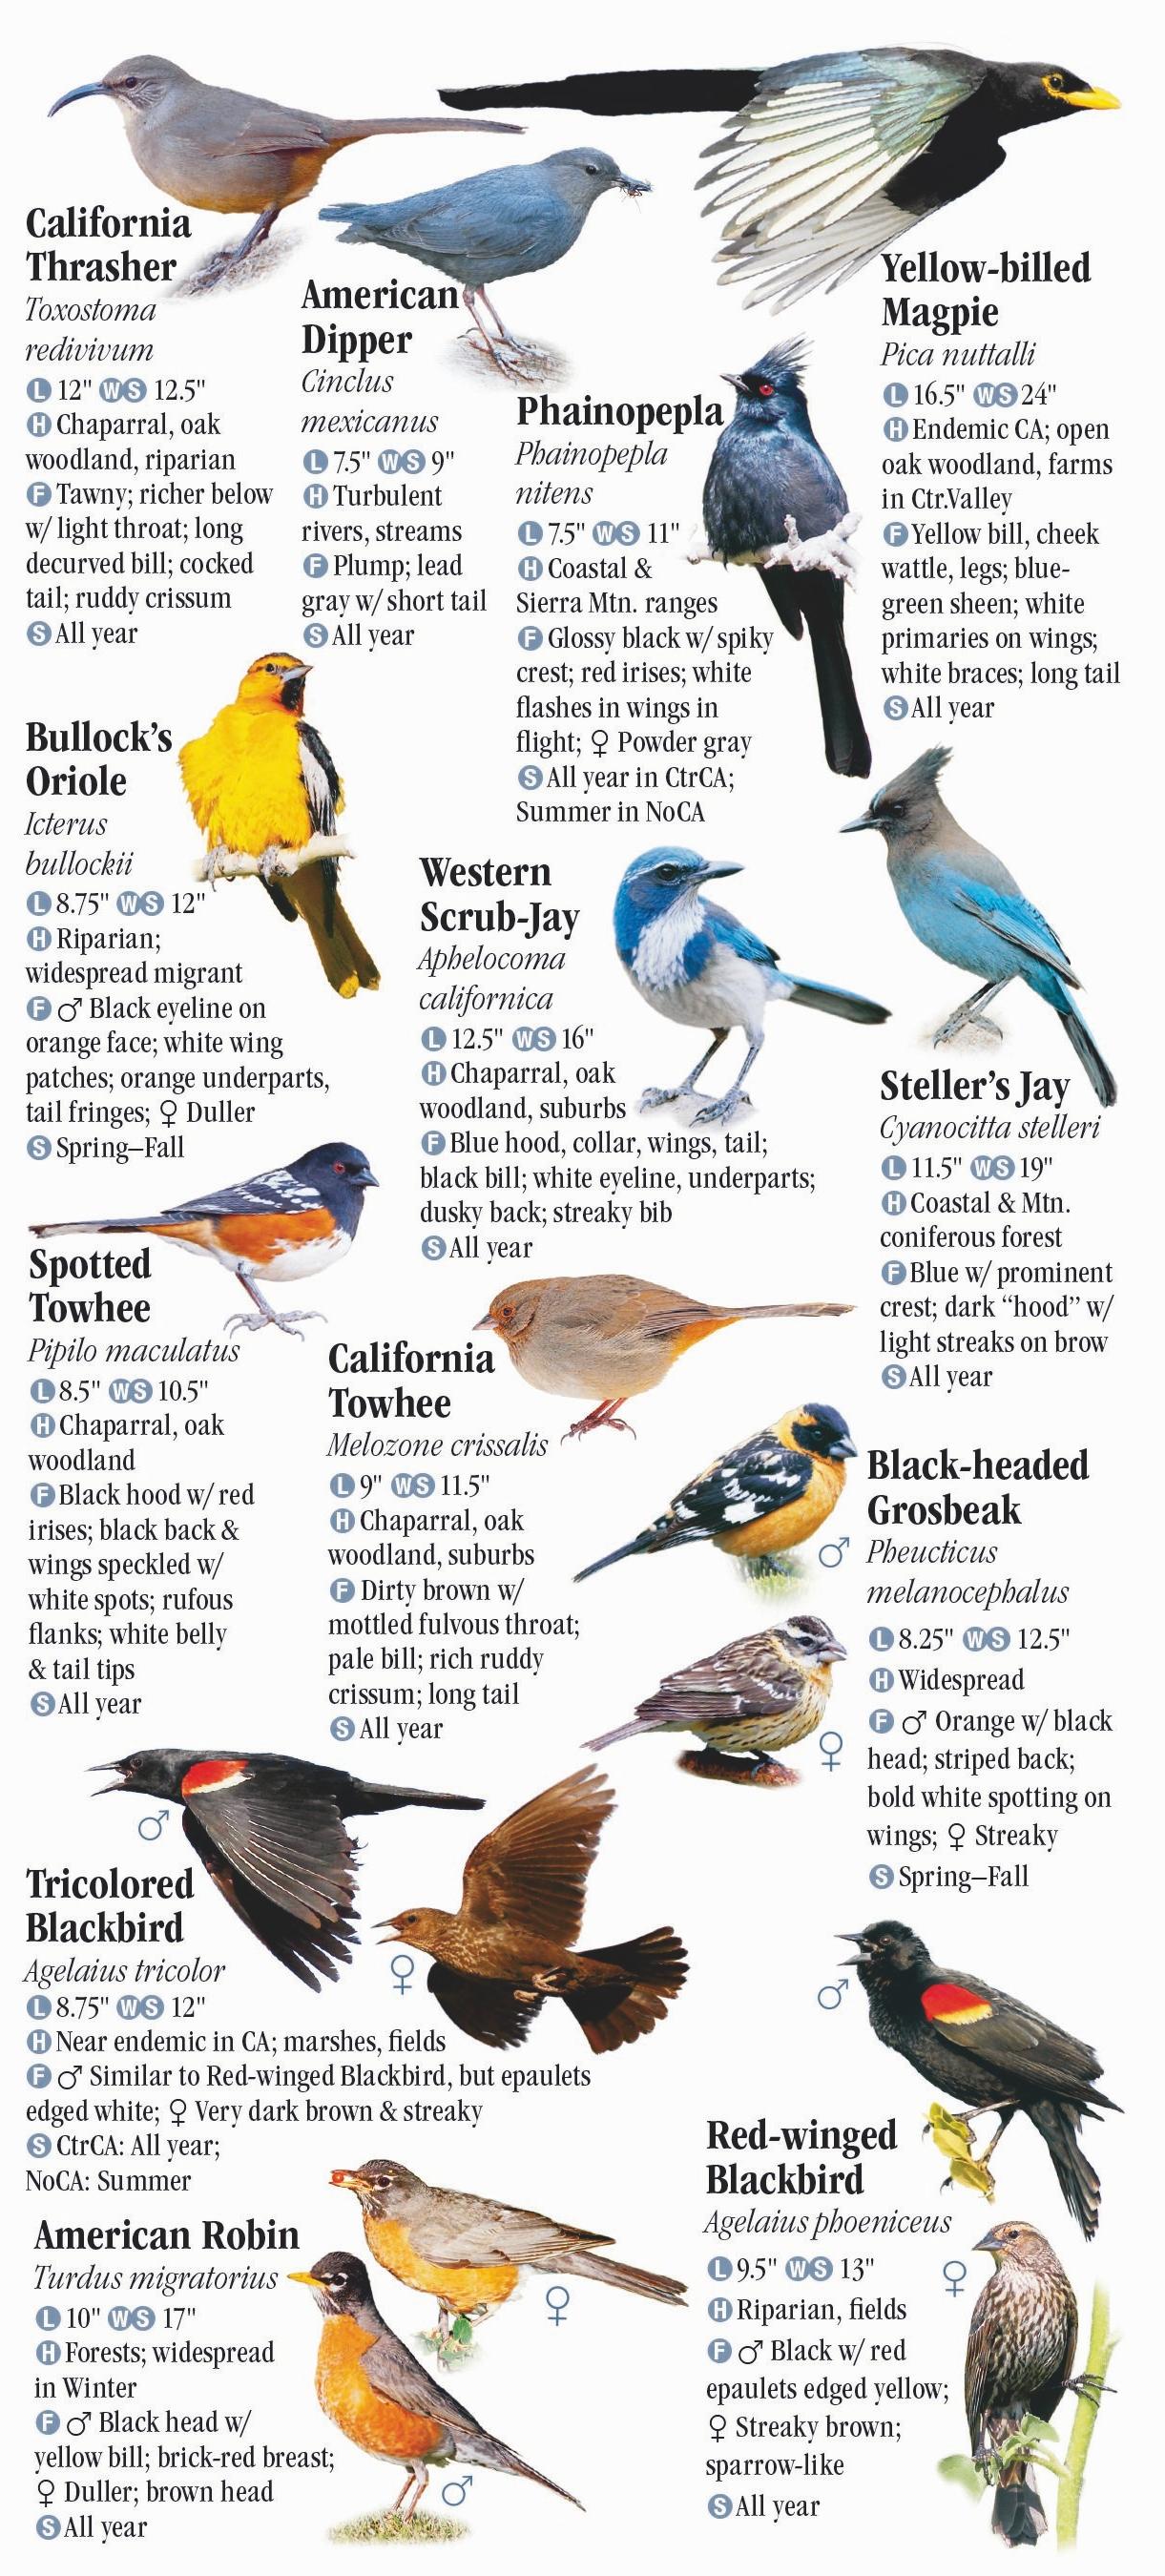 Farallon Islands Birding Tours